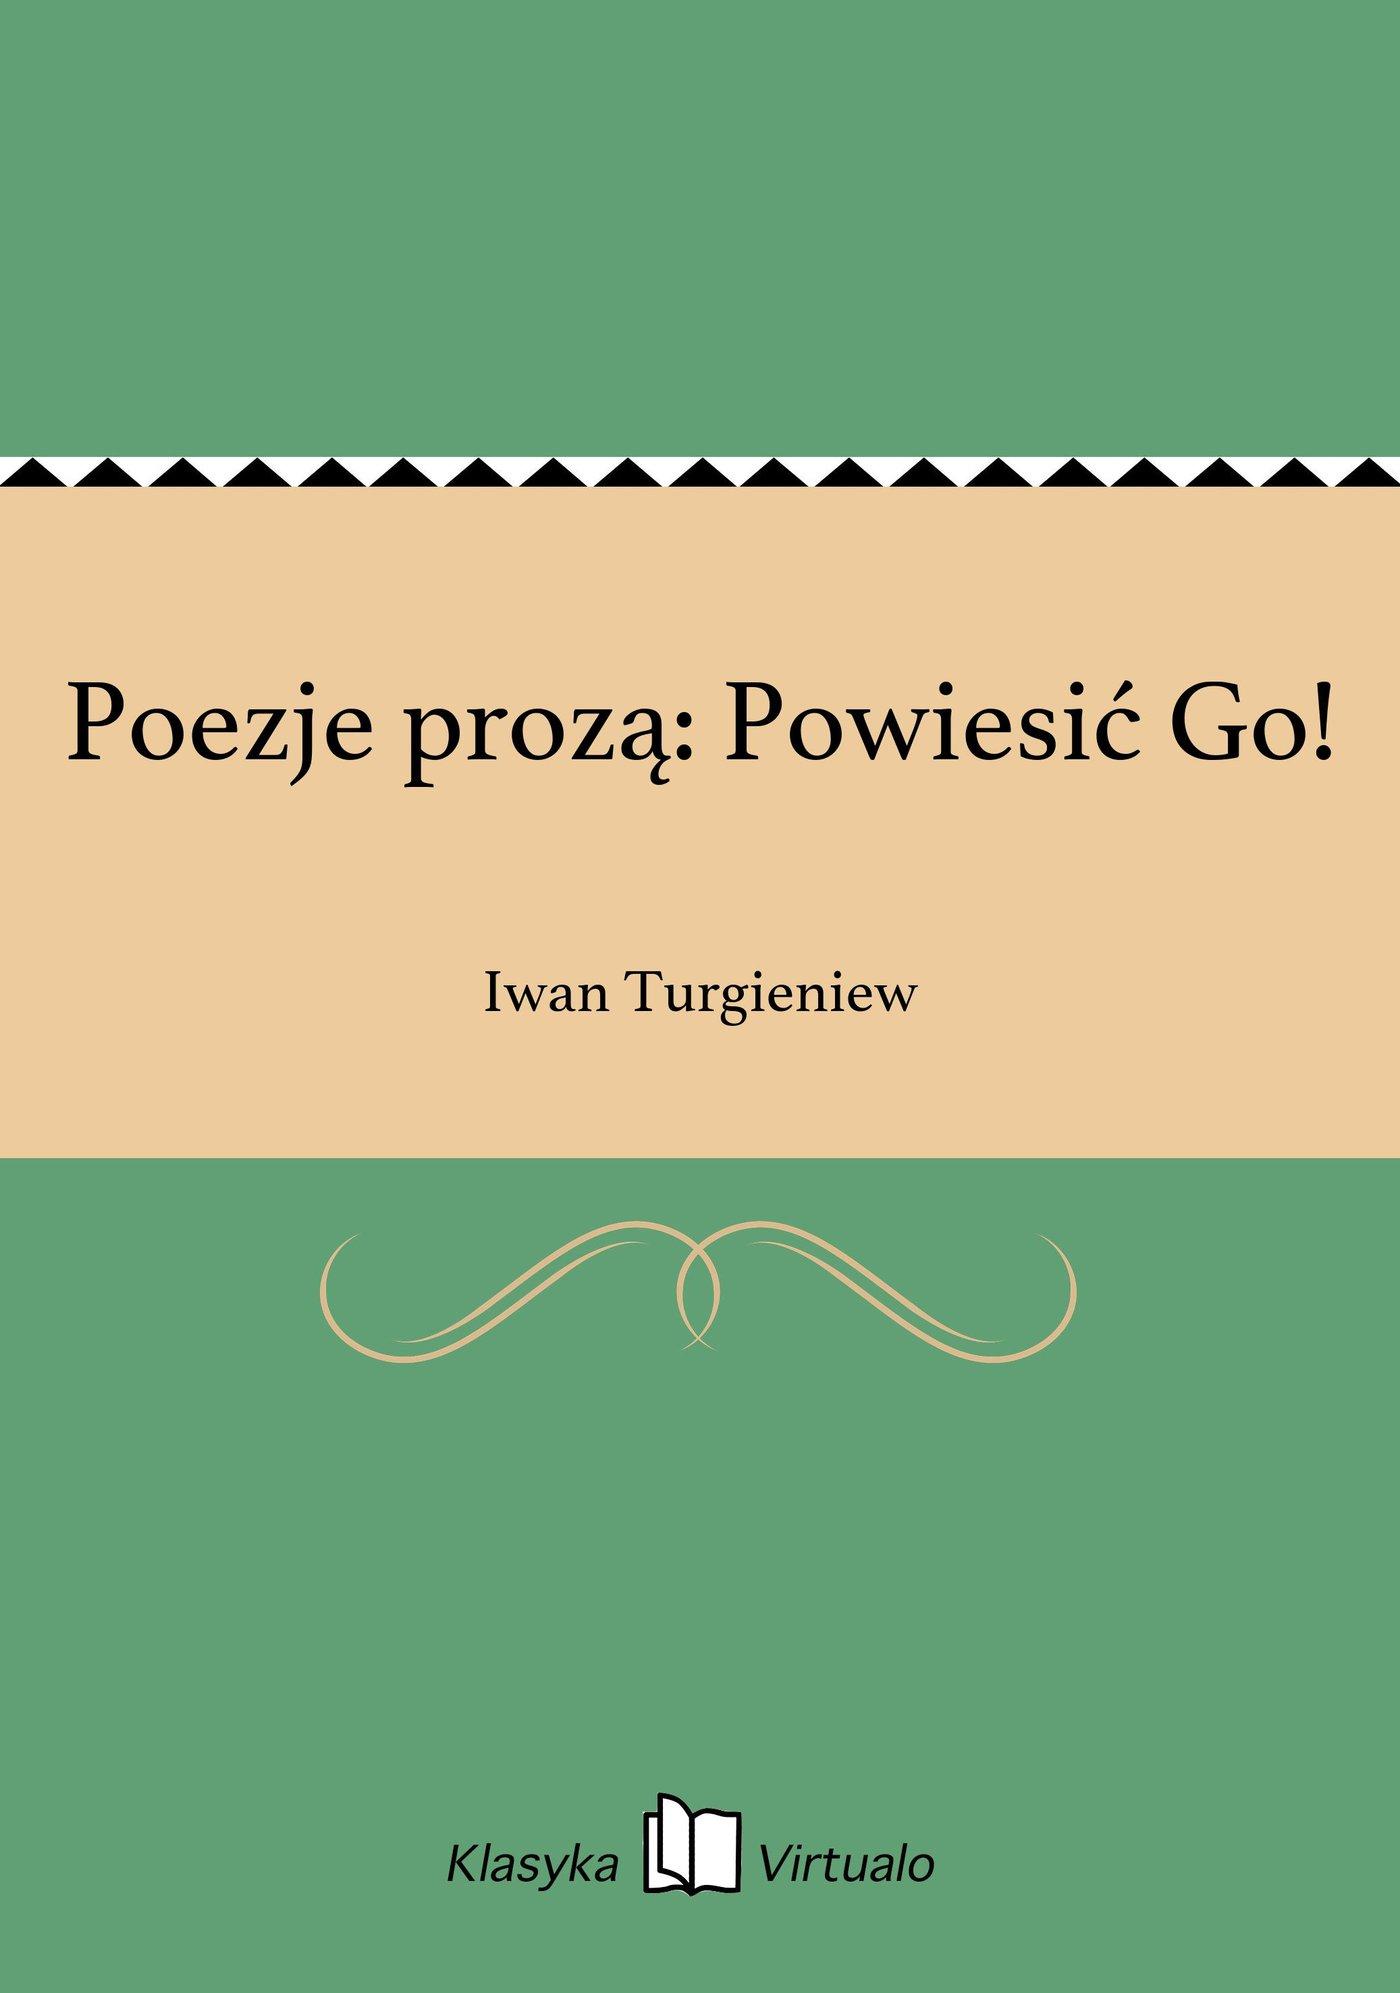 Poezje prozą: Powiesić Go! - Ebook (Książka na Kindle) do pobrania w formacie MOBI